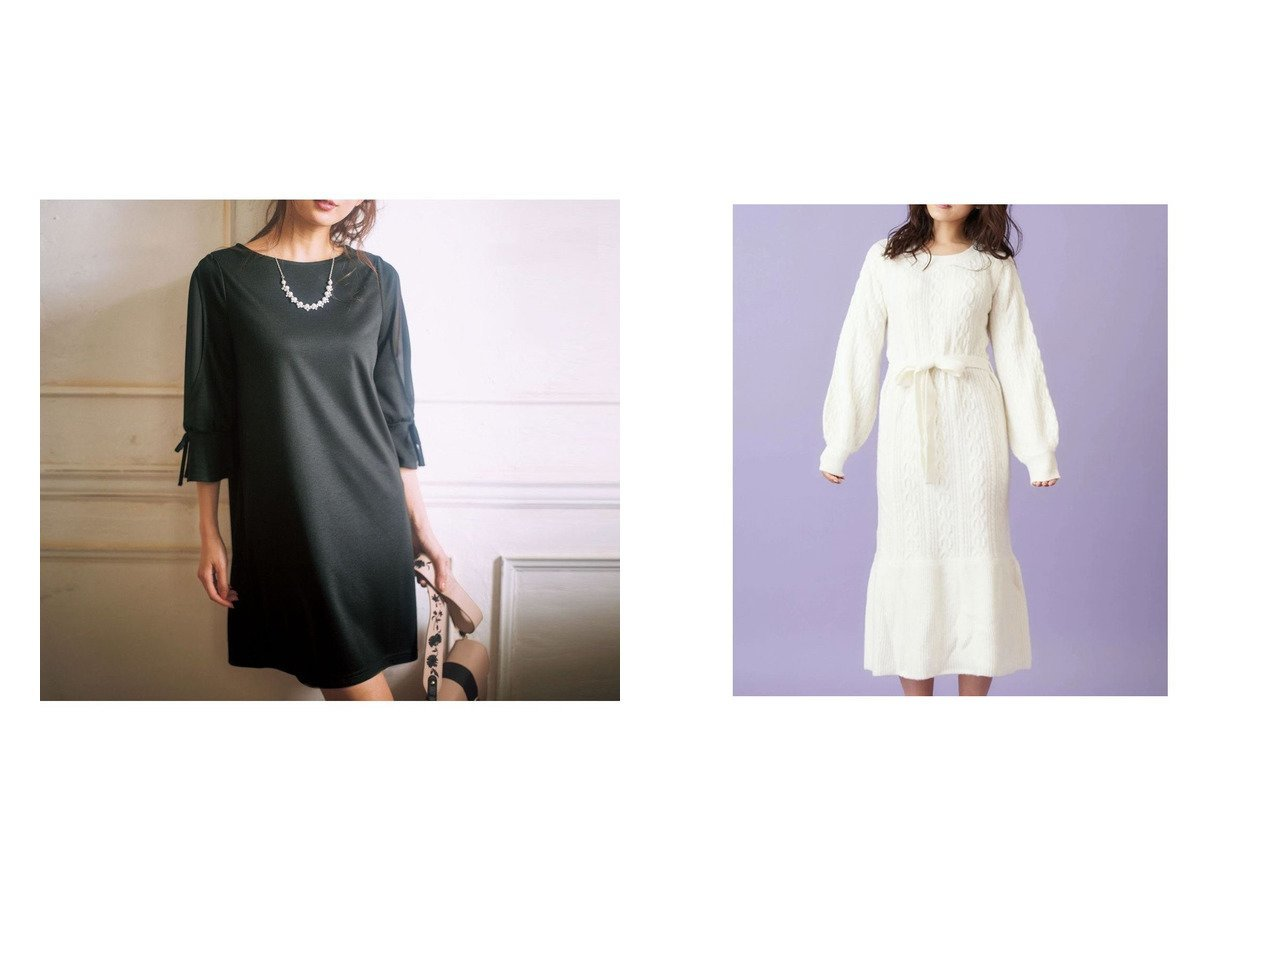 【MiiA/ミーア】のエンジェルワンピース&【GeeRa/ジーラ】のネックレス付袖シフォンサックワンピース ワンピース・ドレスのおすすめ!人気、トレンド・レディースファッションの通販 おすすめで人気の流行・トレンド、ファッションの通販商品 メンズファッション・キッズファッション・インテリア・家具・レディースファッション・服の通販 founy(ファニー) https://founy.com/ ファッション Fashion レディースファッション WOMEN ワンピース Dress ジュエリー Jewelry ネックレス Necklaces A/W 秋冬 AW Autumn/Winter / FW Fall-Winter ネックレス レース 切替 2020年 2020 2020-2021 秋冬 A/W AW Autumn/Winter / FW Fall-Winter 2020-2021 リボン  ID:crp329100000014778